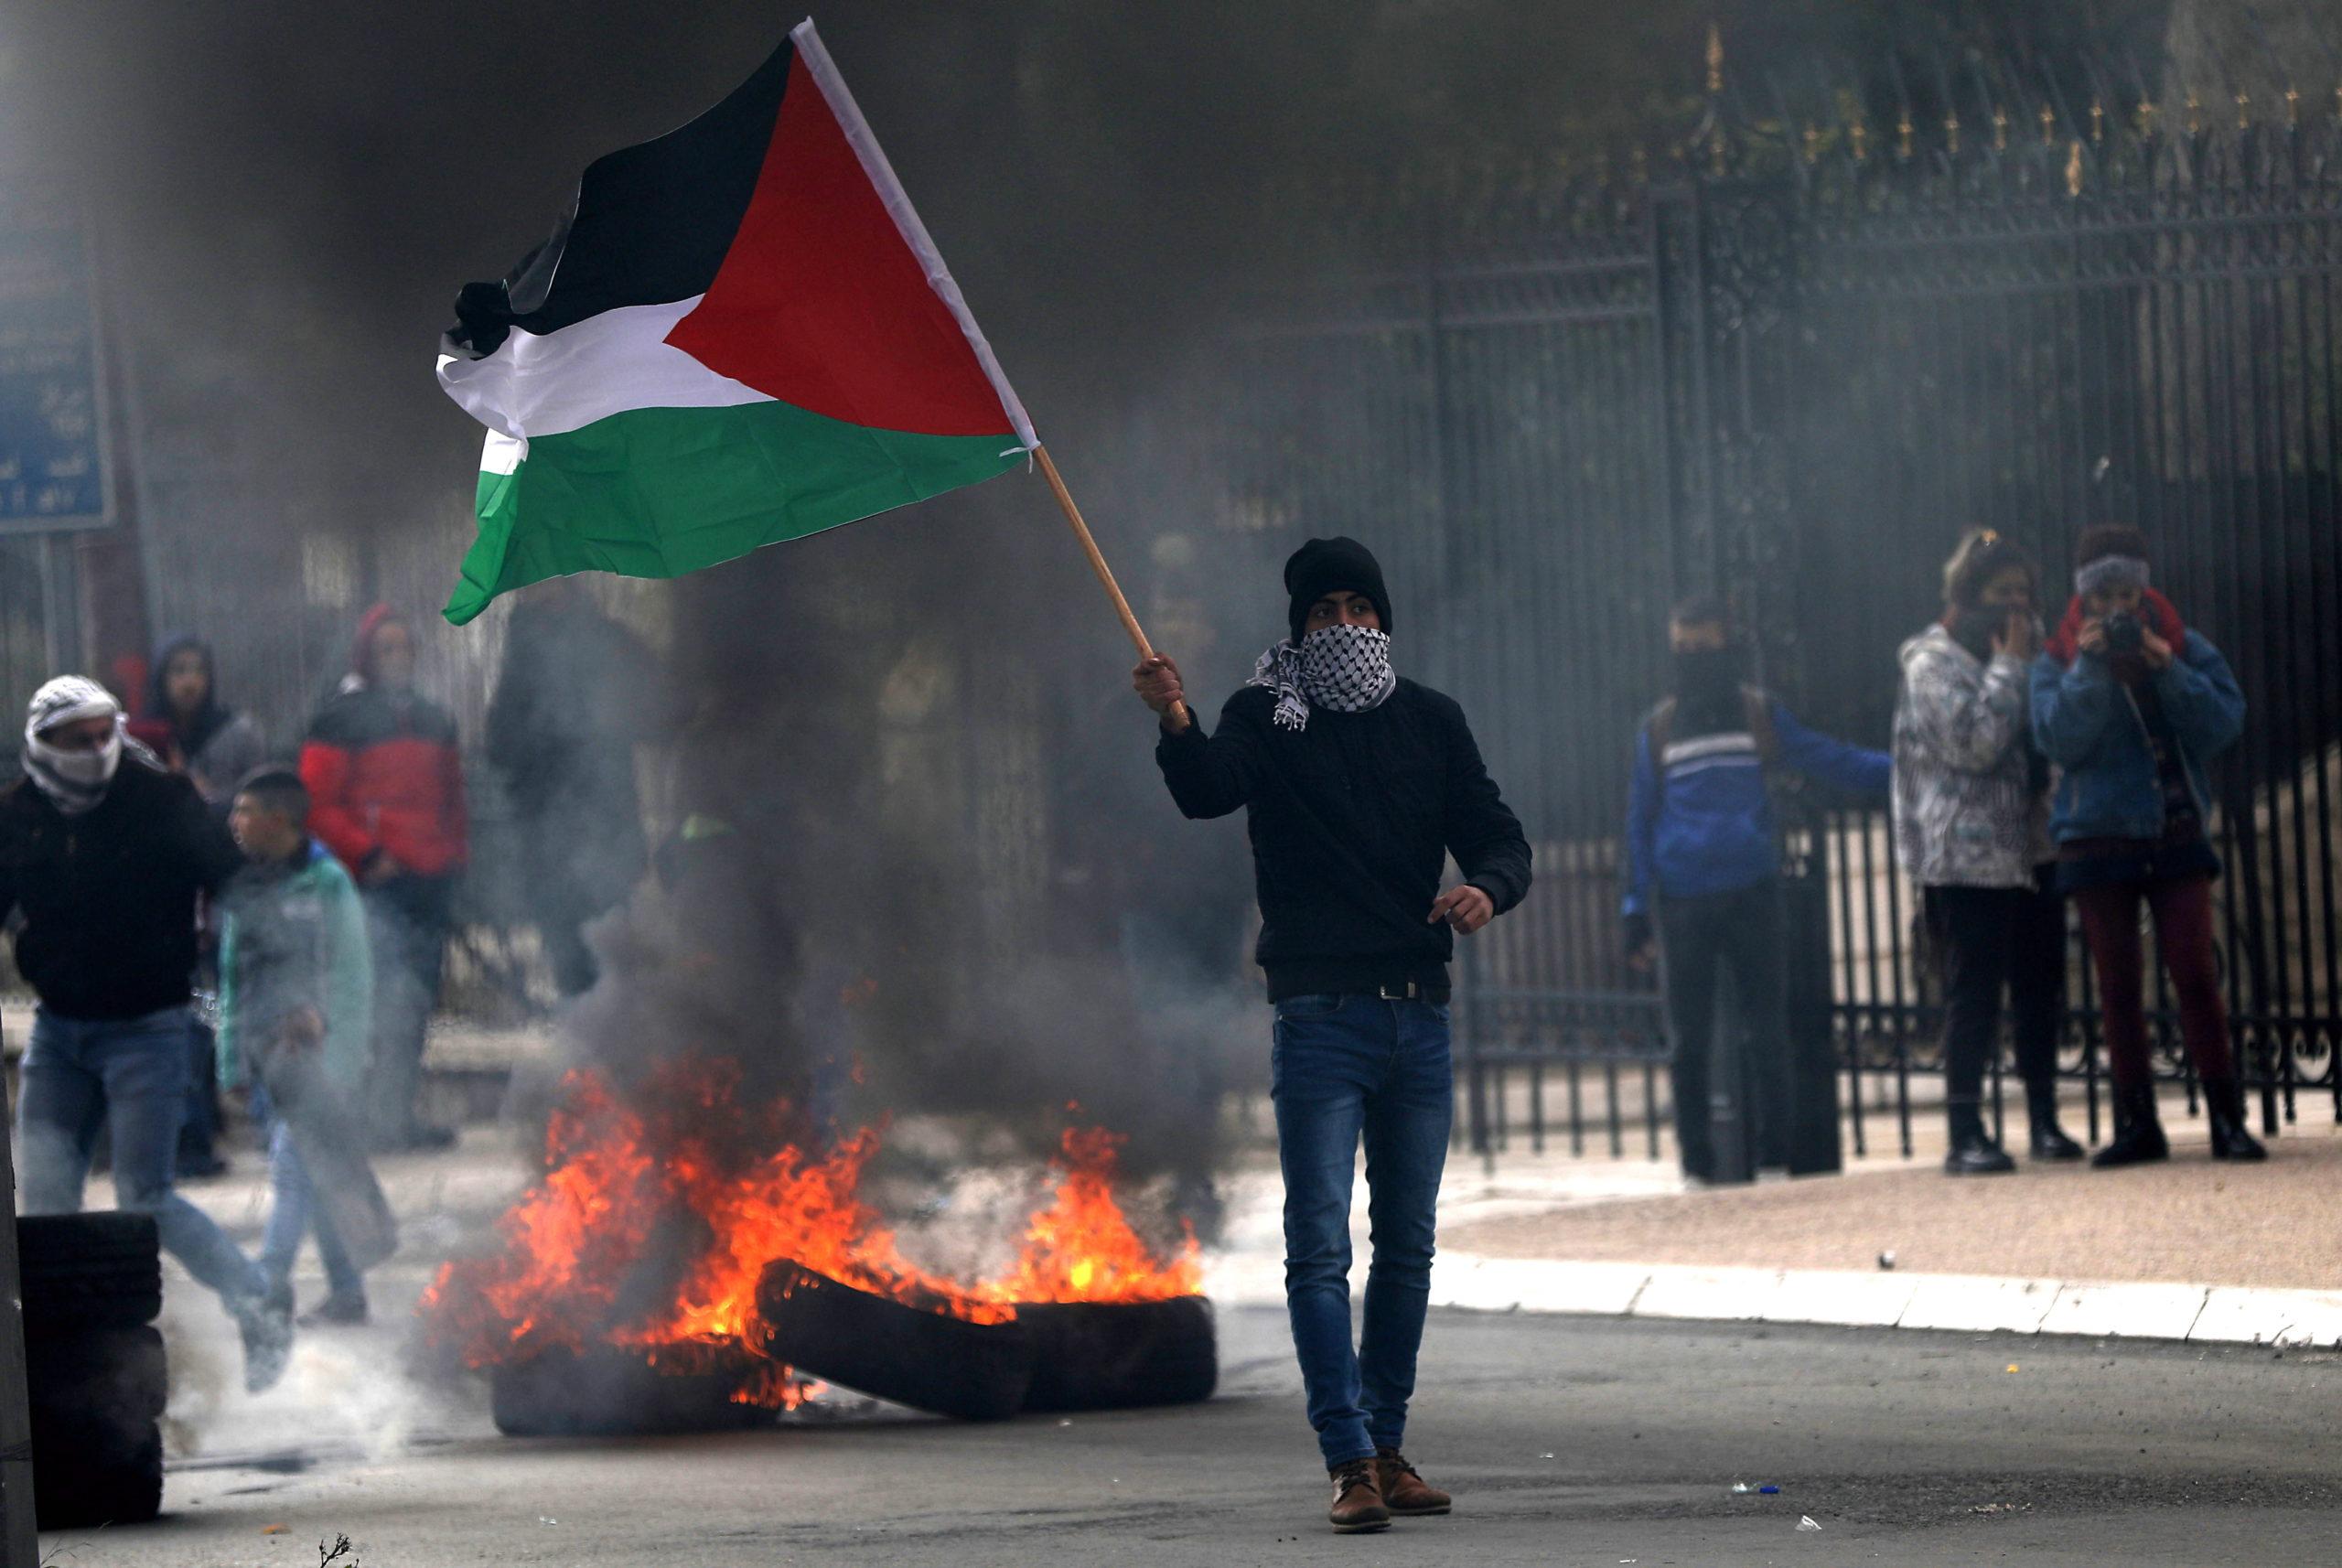 Erőszakkal készülnek a palesztinok az izraeli annektálásra?